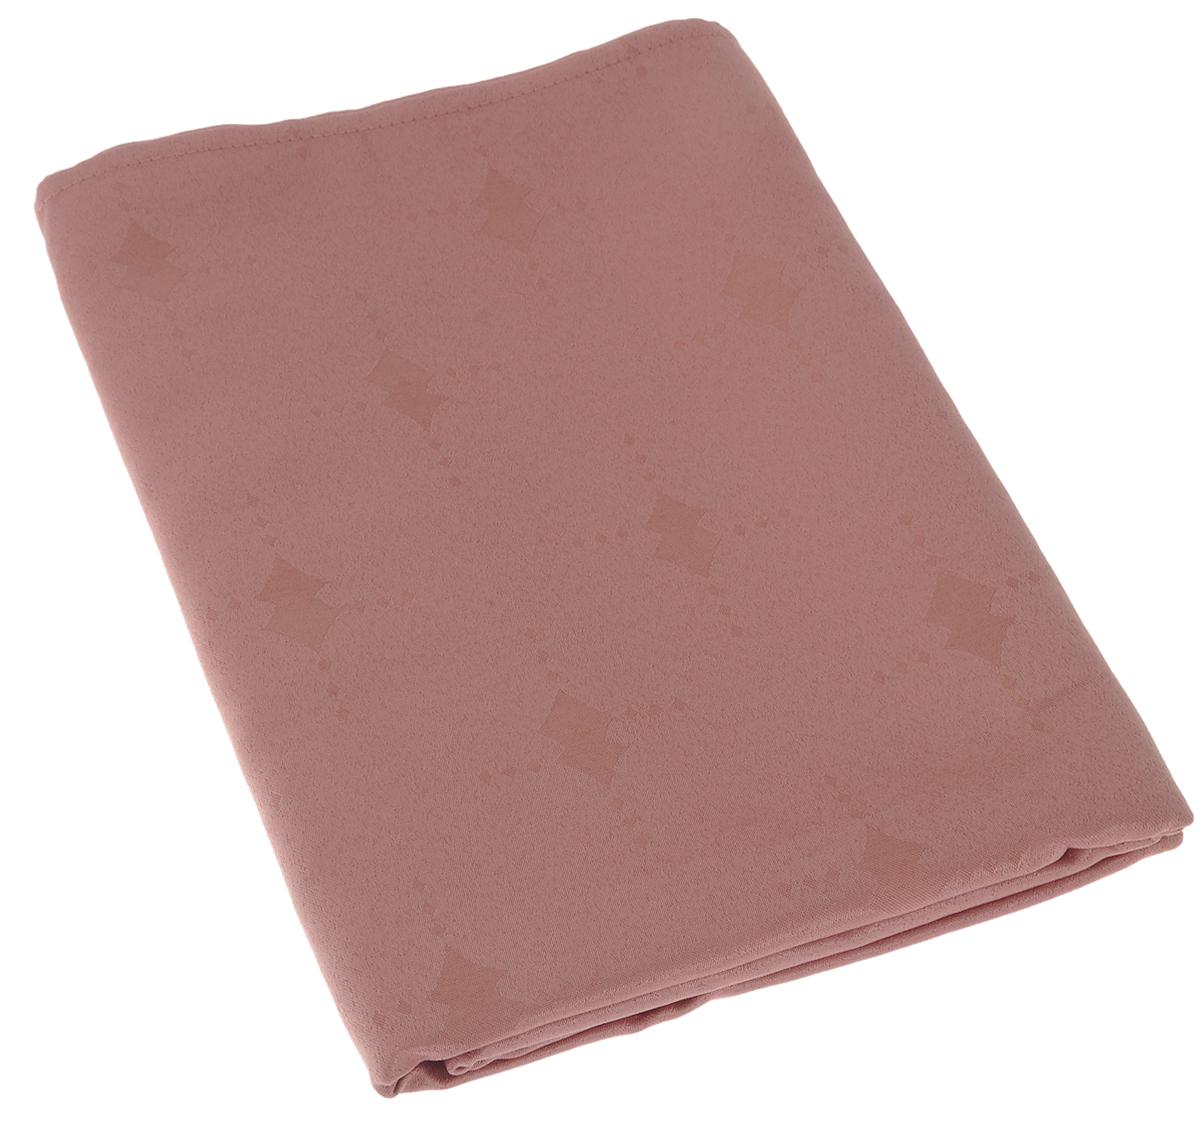 Скатерть Schaefer, прямоугольная, цвет: пепельно-розовый, 130 х 160 см. 07508-4271004900000360Изящная прямоугольная скатерть Schaefer, выполненная из плотного полиэстера, станет украшением кухонного стола. Изделие декорировано красивым узором в виде ромбов.За текстилем из полиэстера очень легко ухаживать: он не мнется, не садится и быстро сохнет, легко стирается, более долговечен, чем текстиль из натуральных волокон.Использование такой скатерти сделает застолье торжественным, поднимет настроение гостей и приятно удивит их вашим изысканным вкусом. Также вы можете использовать эту скатерть для повседневной трапезы, превратив каждый прием пищи в волшебный праздник и веселье. Это текстильное изделие станет изысканным украшением вашего дома!